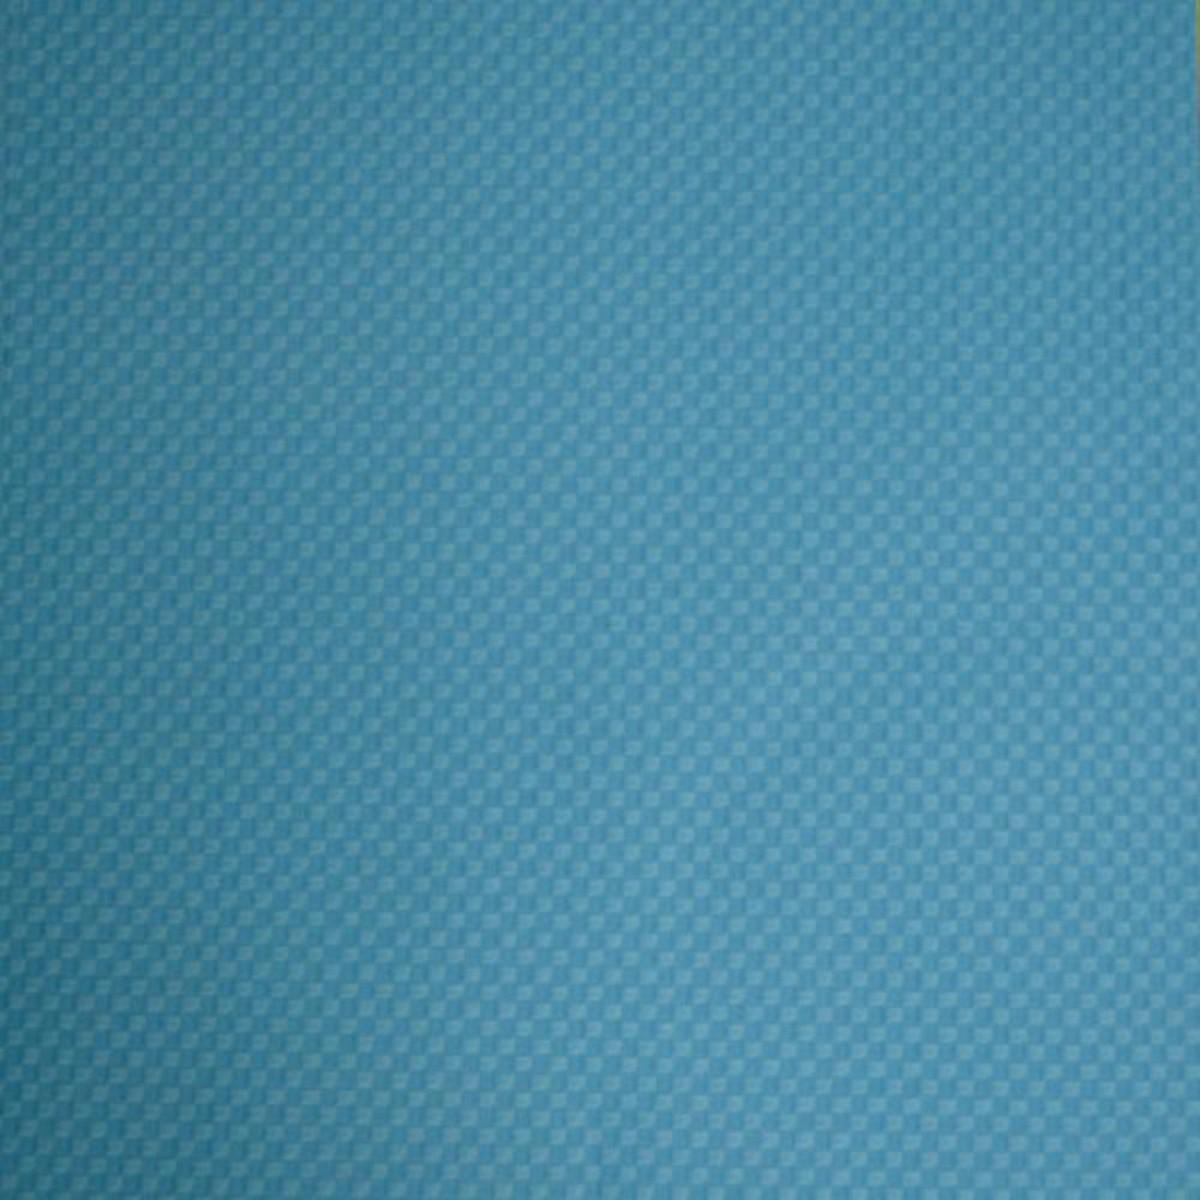 Обои флизелиновые Filpassion Tropicana Filpassion голубые 0.53 м TRO115